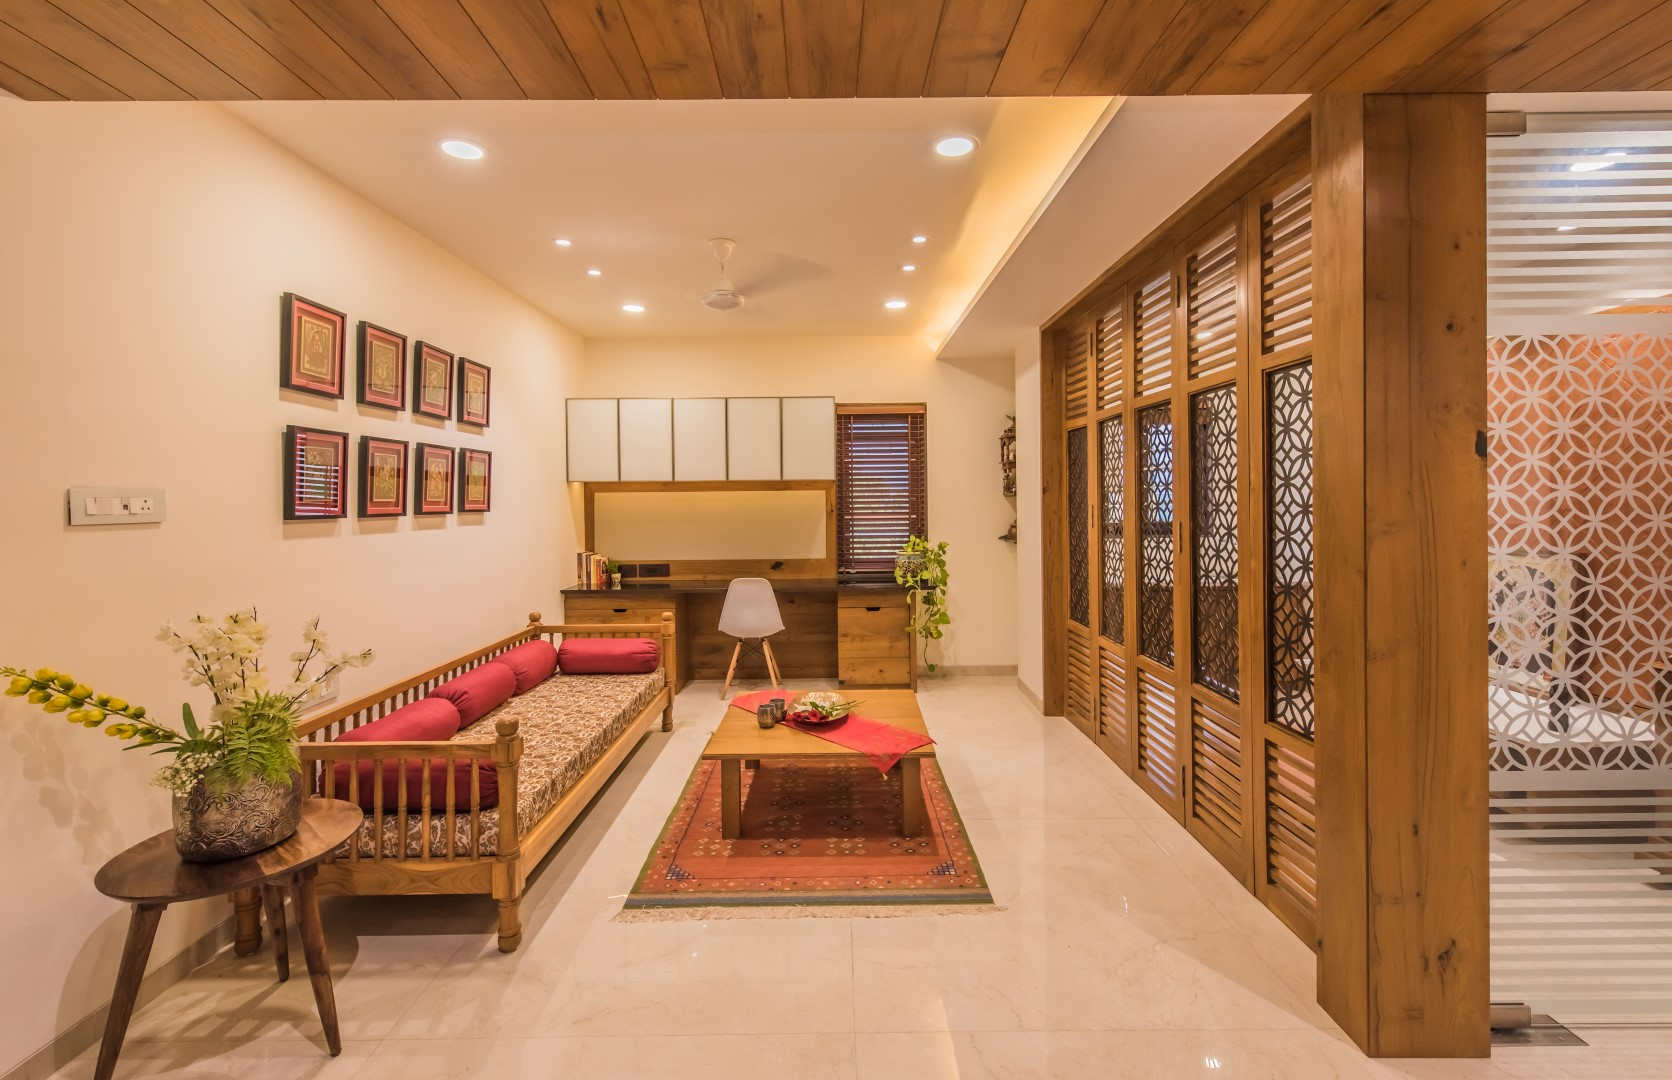 Contemporary indian style apartment interiors ms design studio